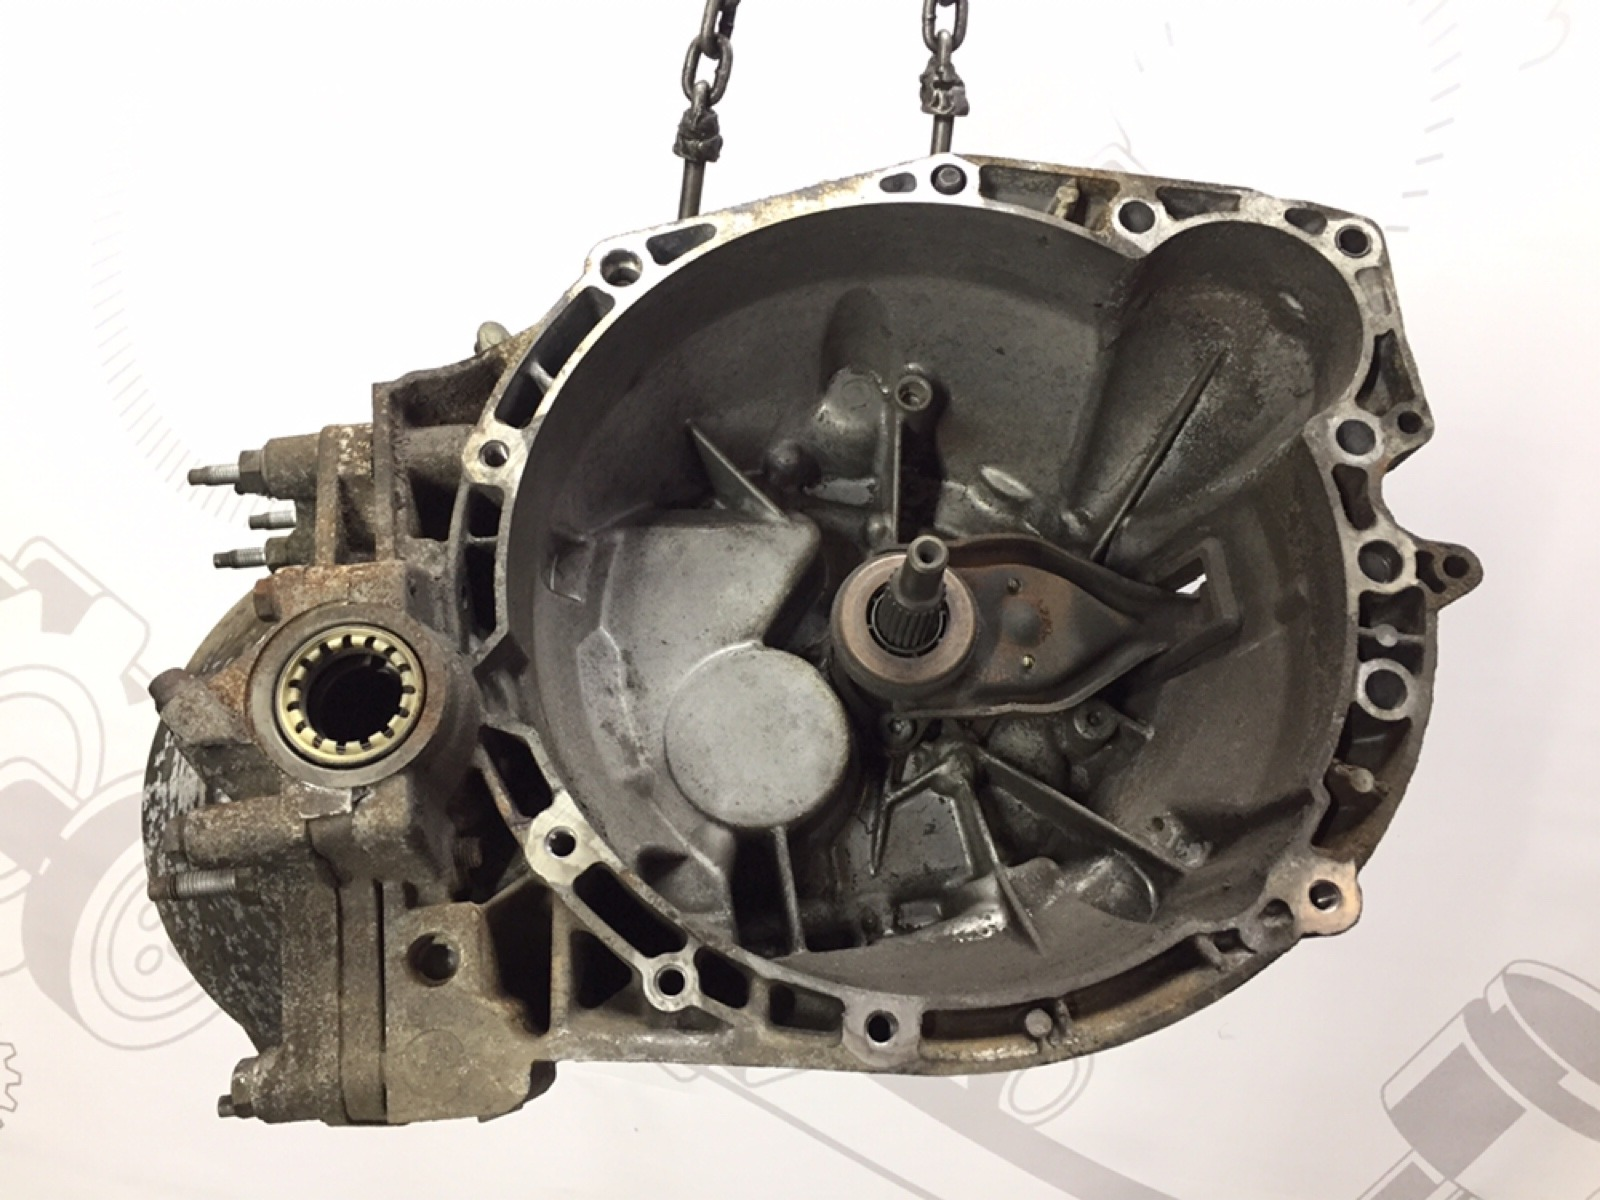 Кпп механическая (мкпп) Peugeot 307 2.0 HDI 2004 (б/у)